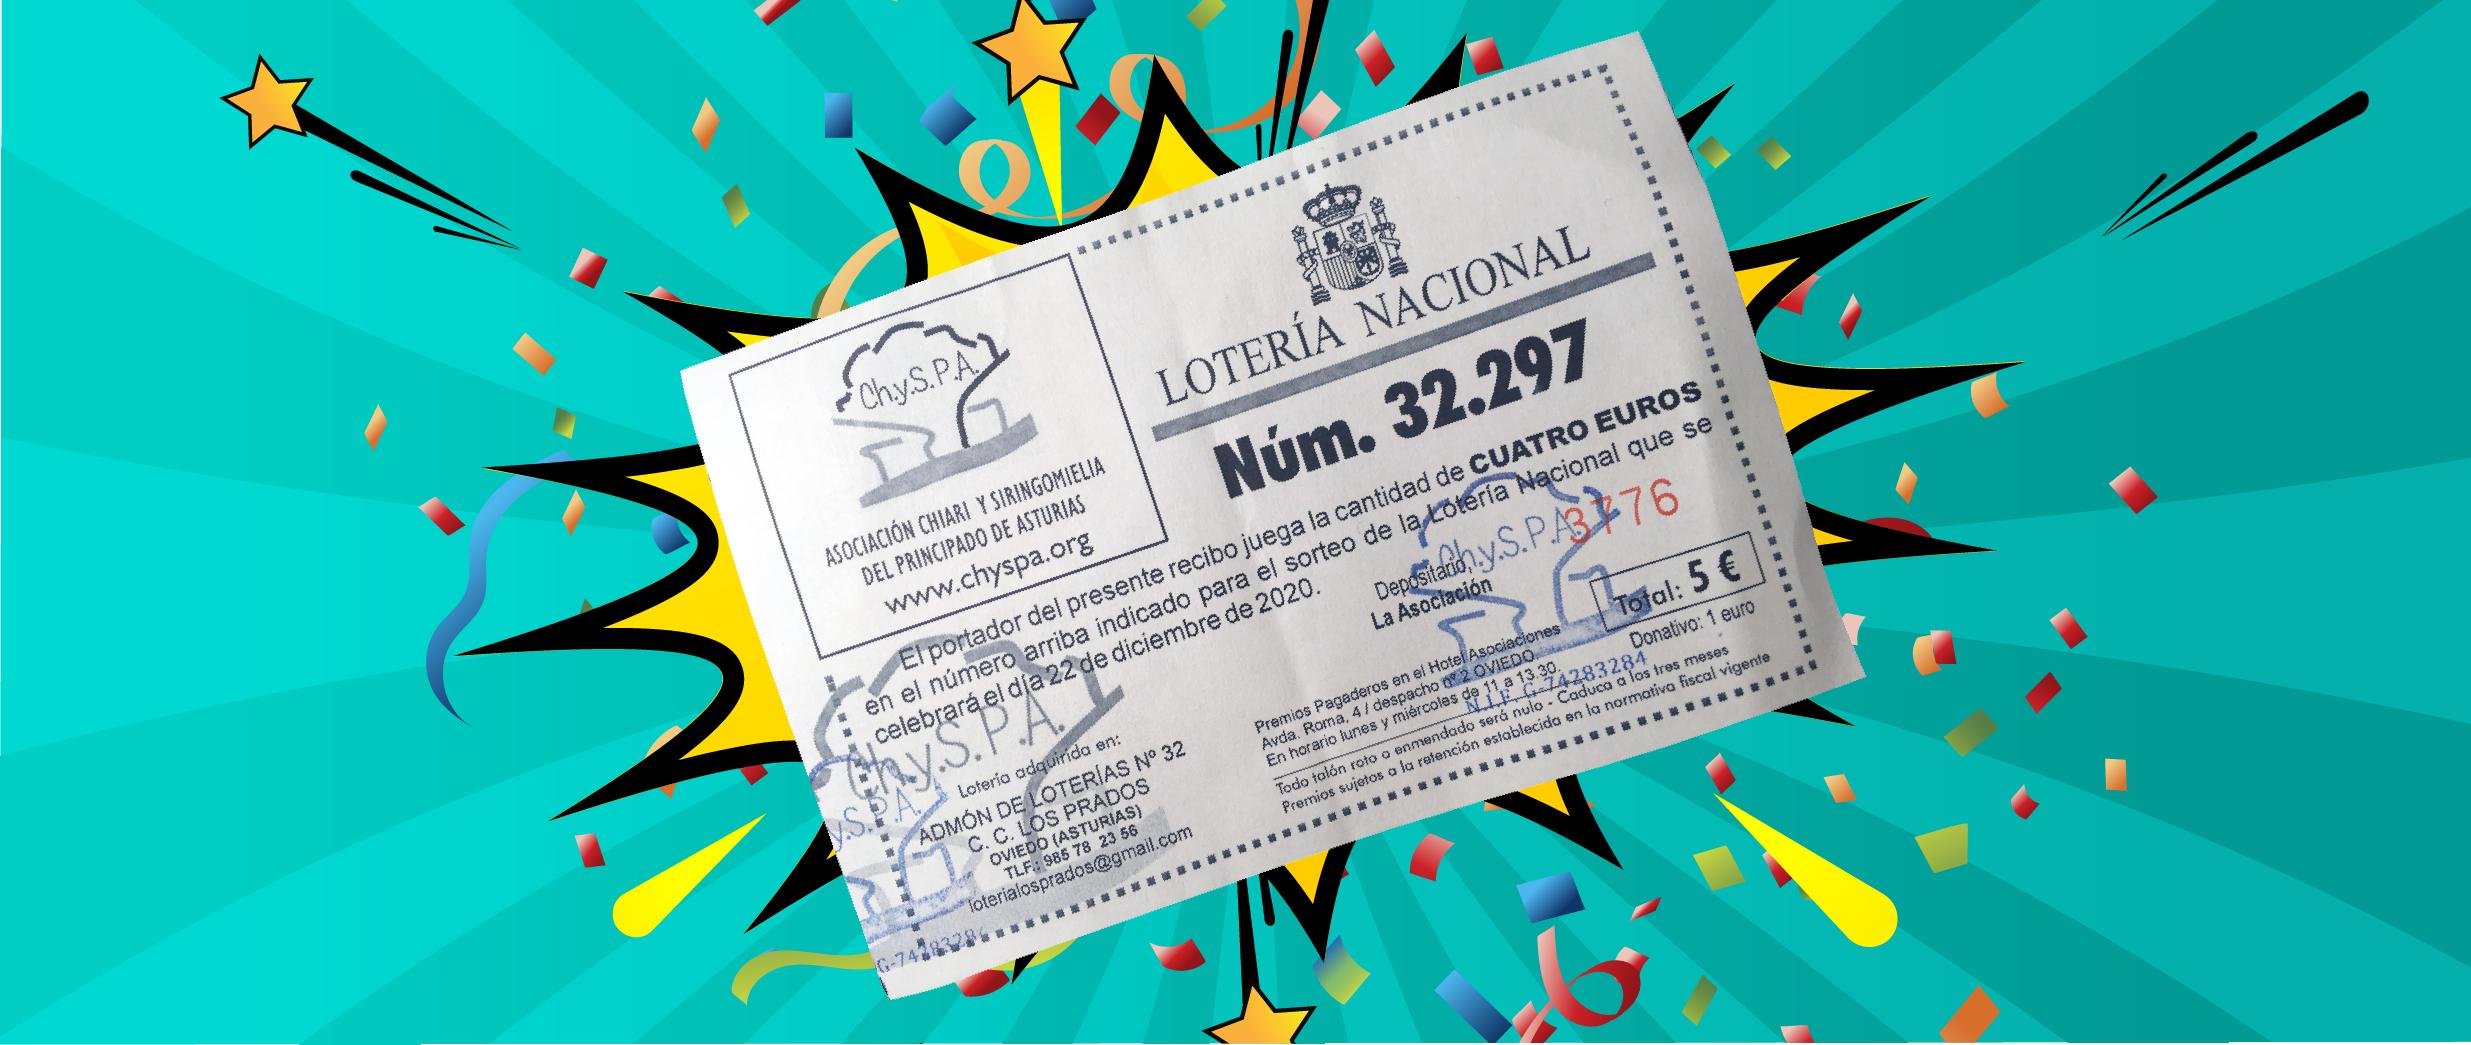 boleto loteria